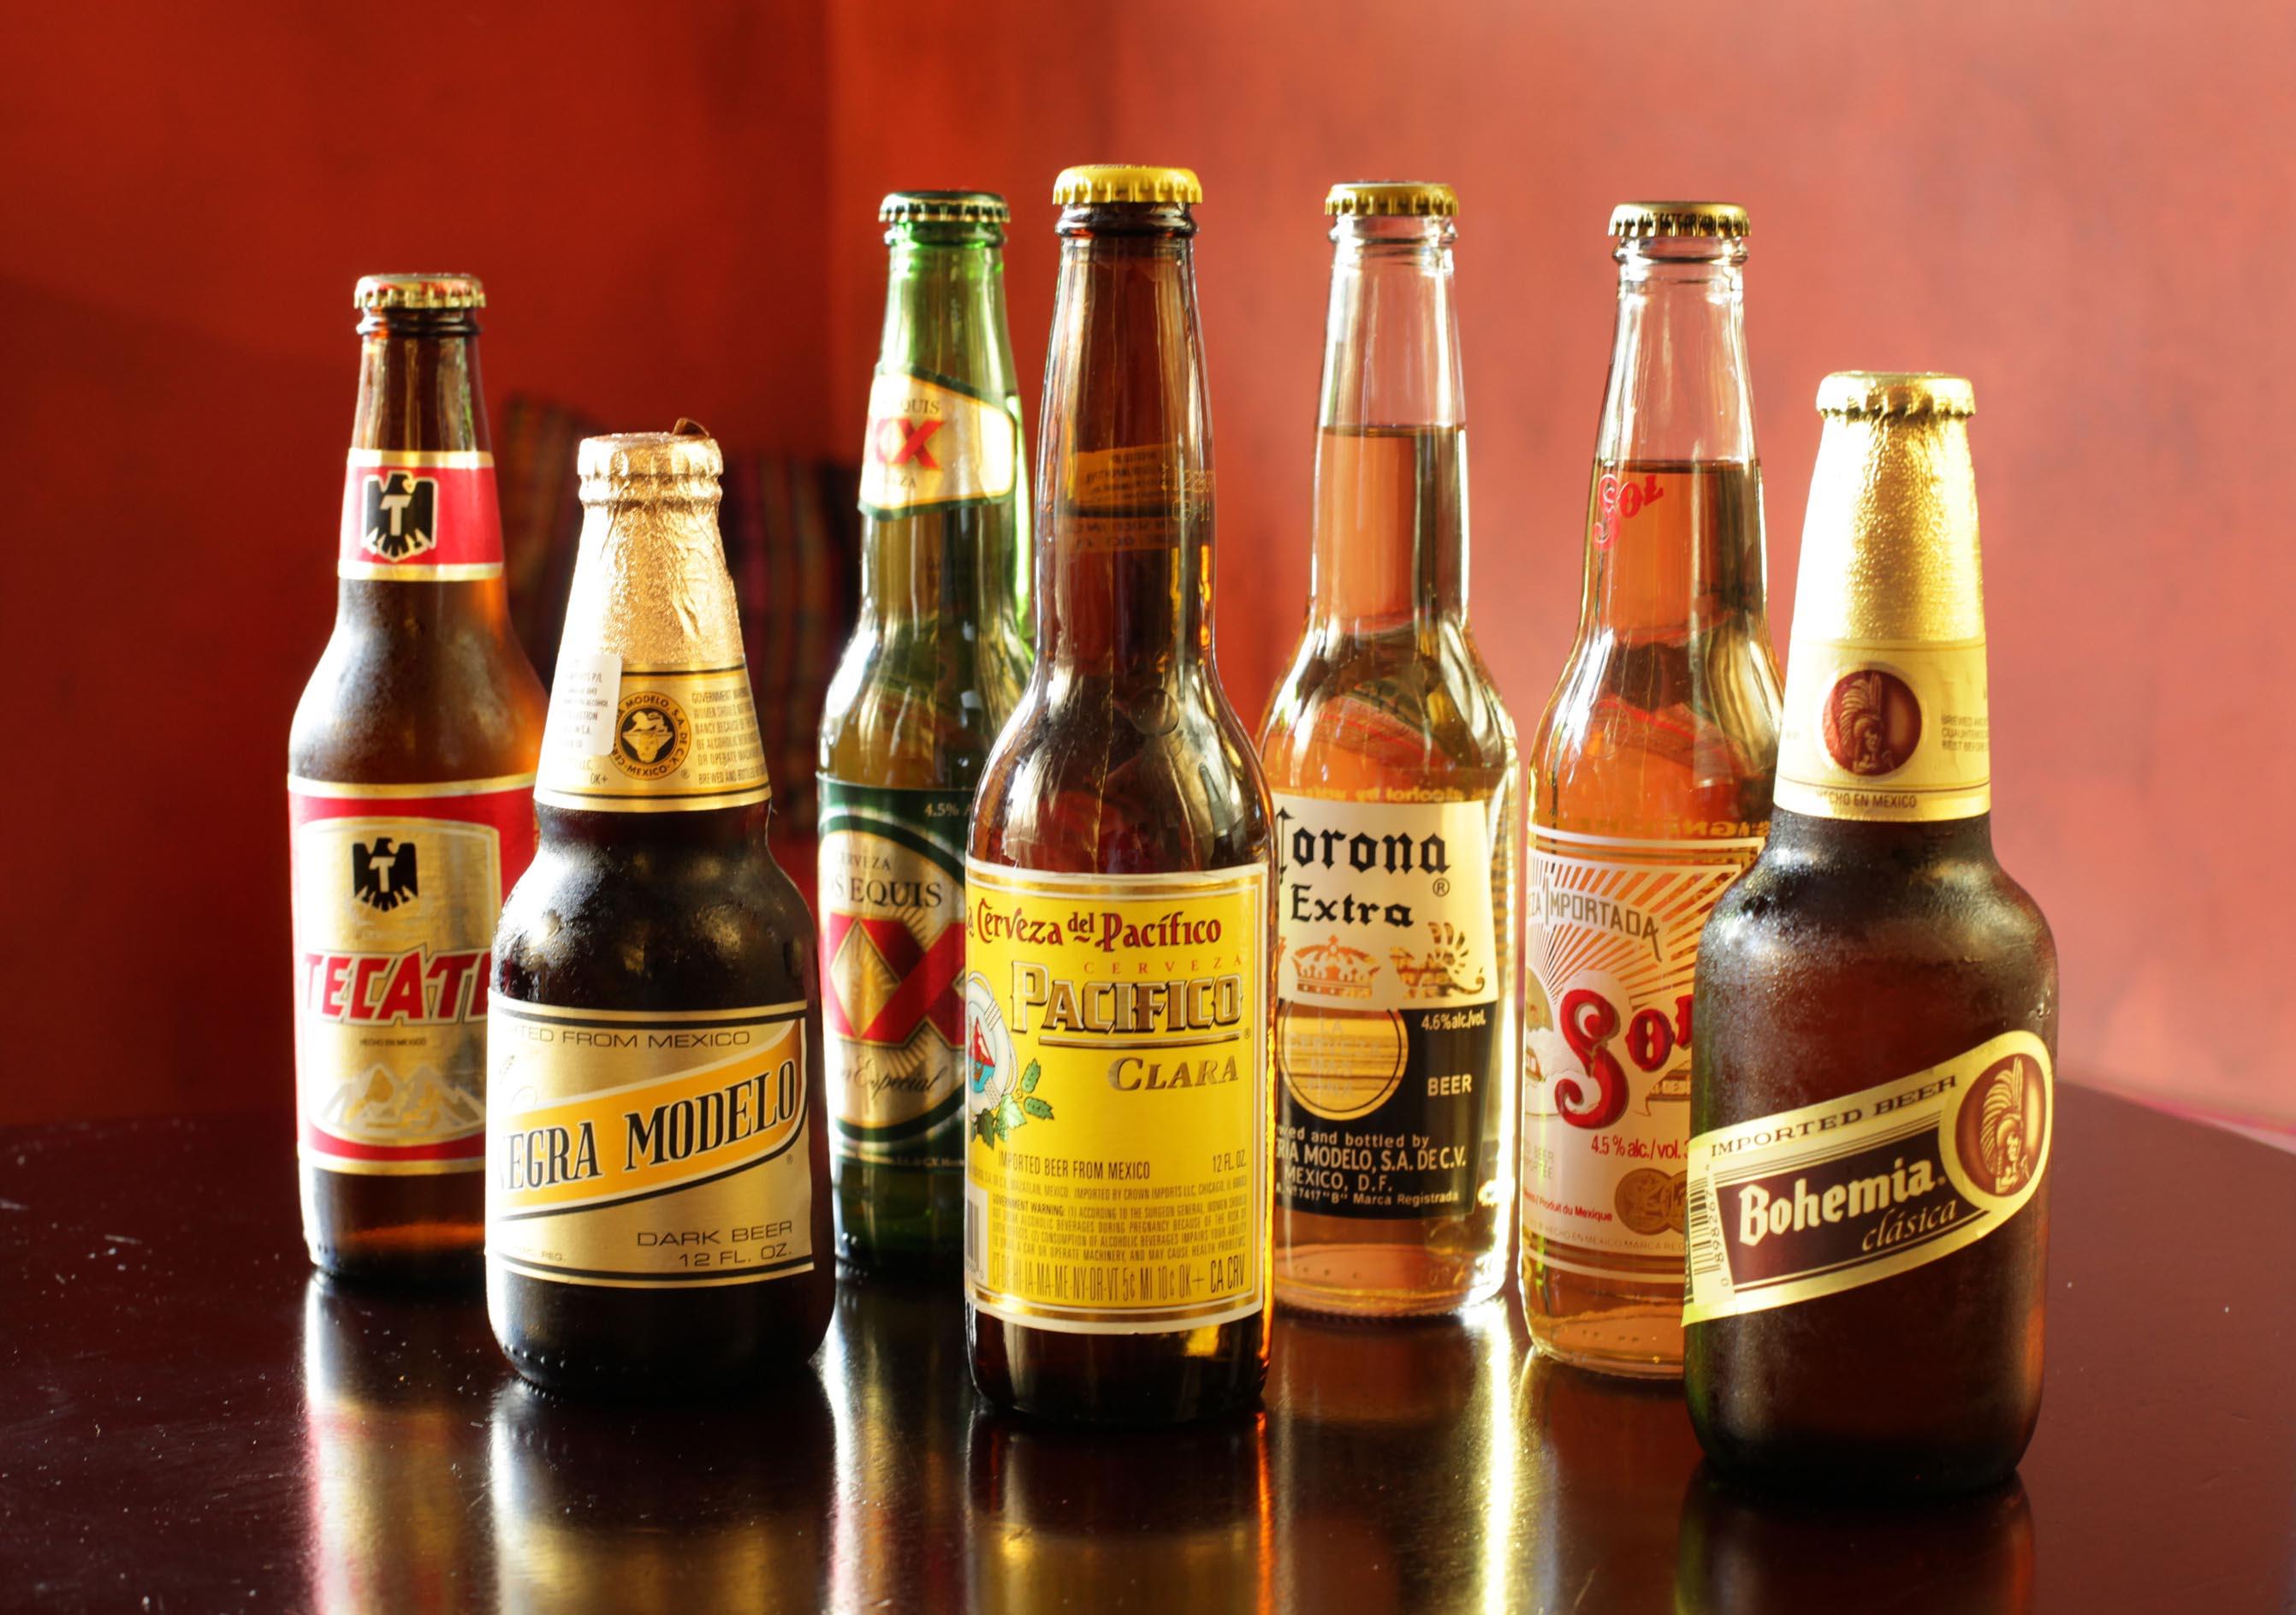 пиво в бутылках скачать фото, обои для рабочего стола